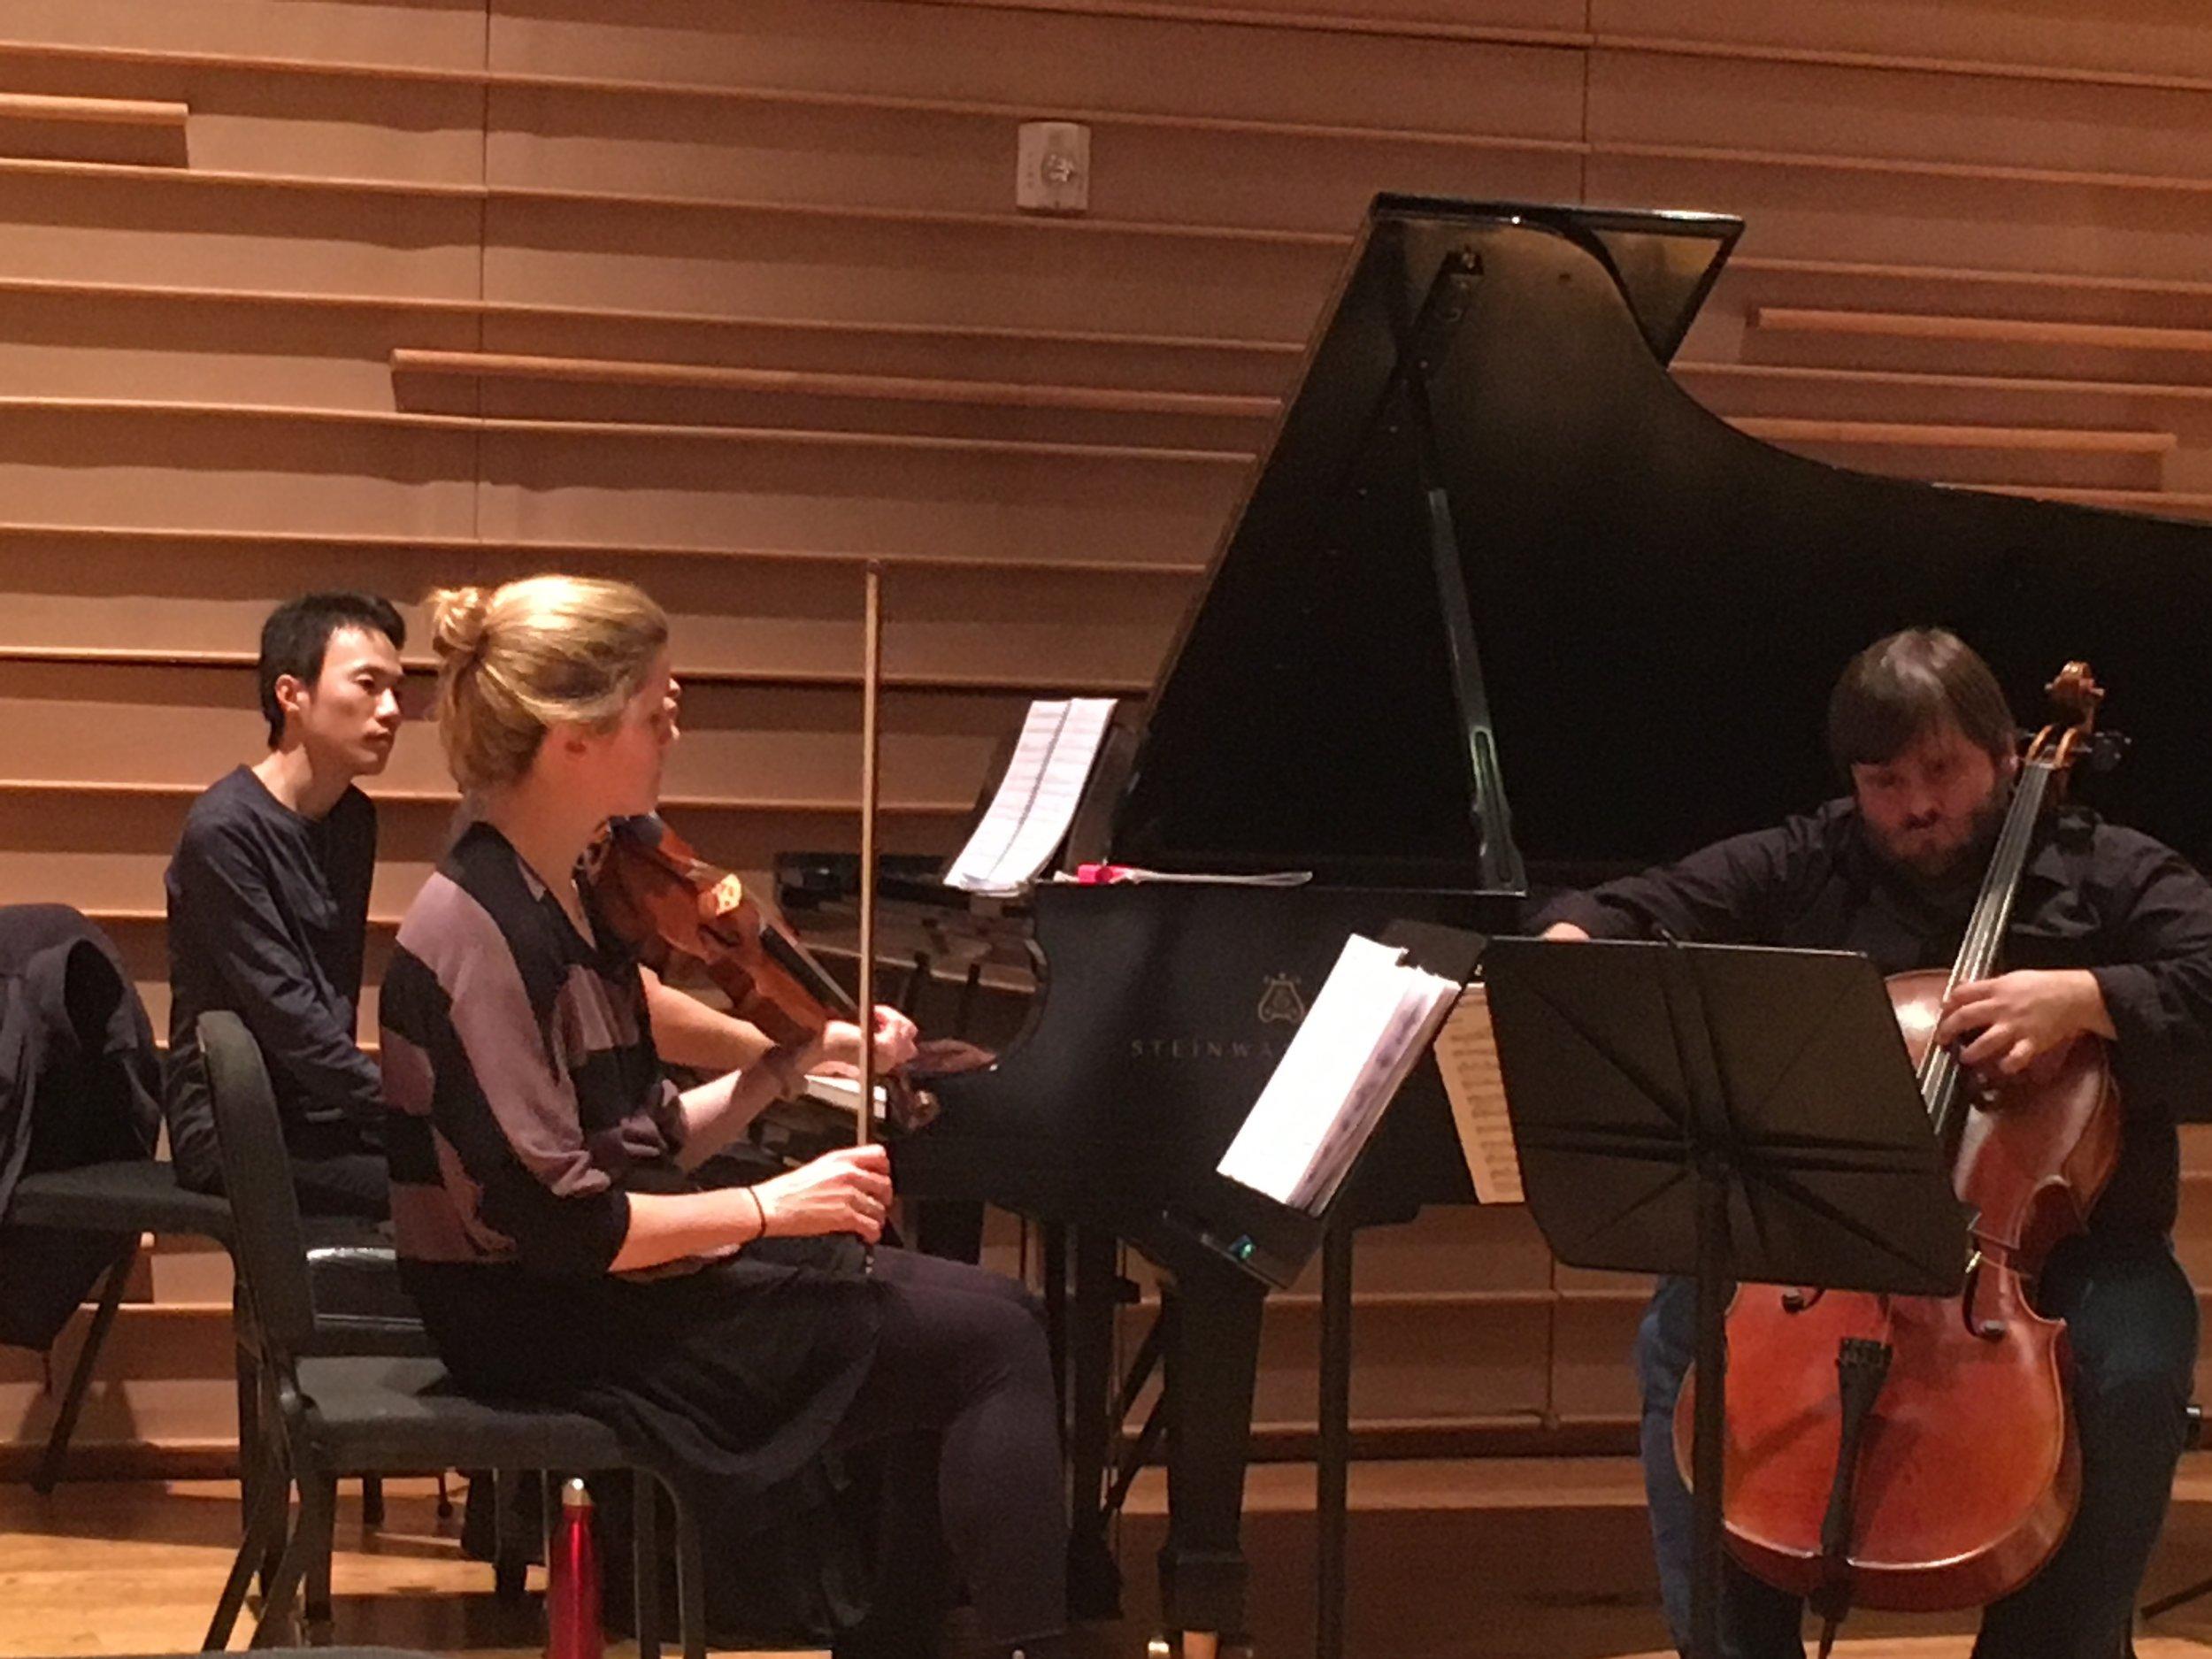 Neave Trio—Anna Williams, Violin; Mikhail Veselov, Cello; Eri Nakamura, Piano (hidden)